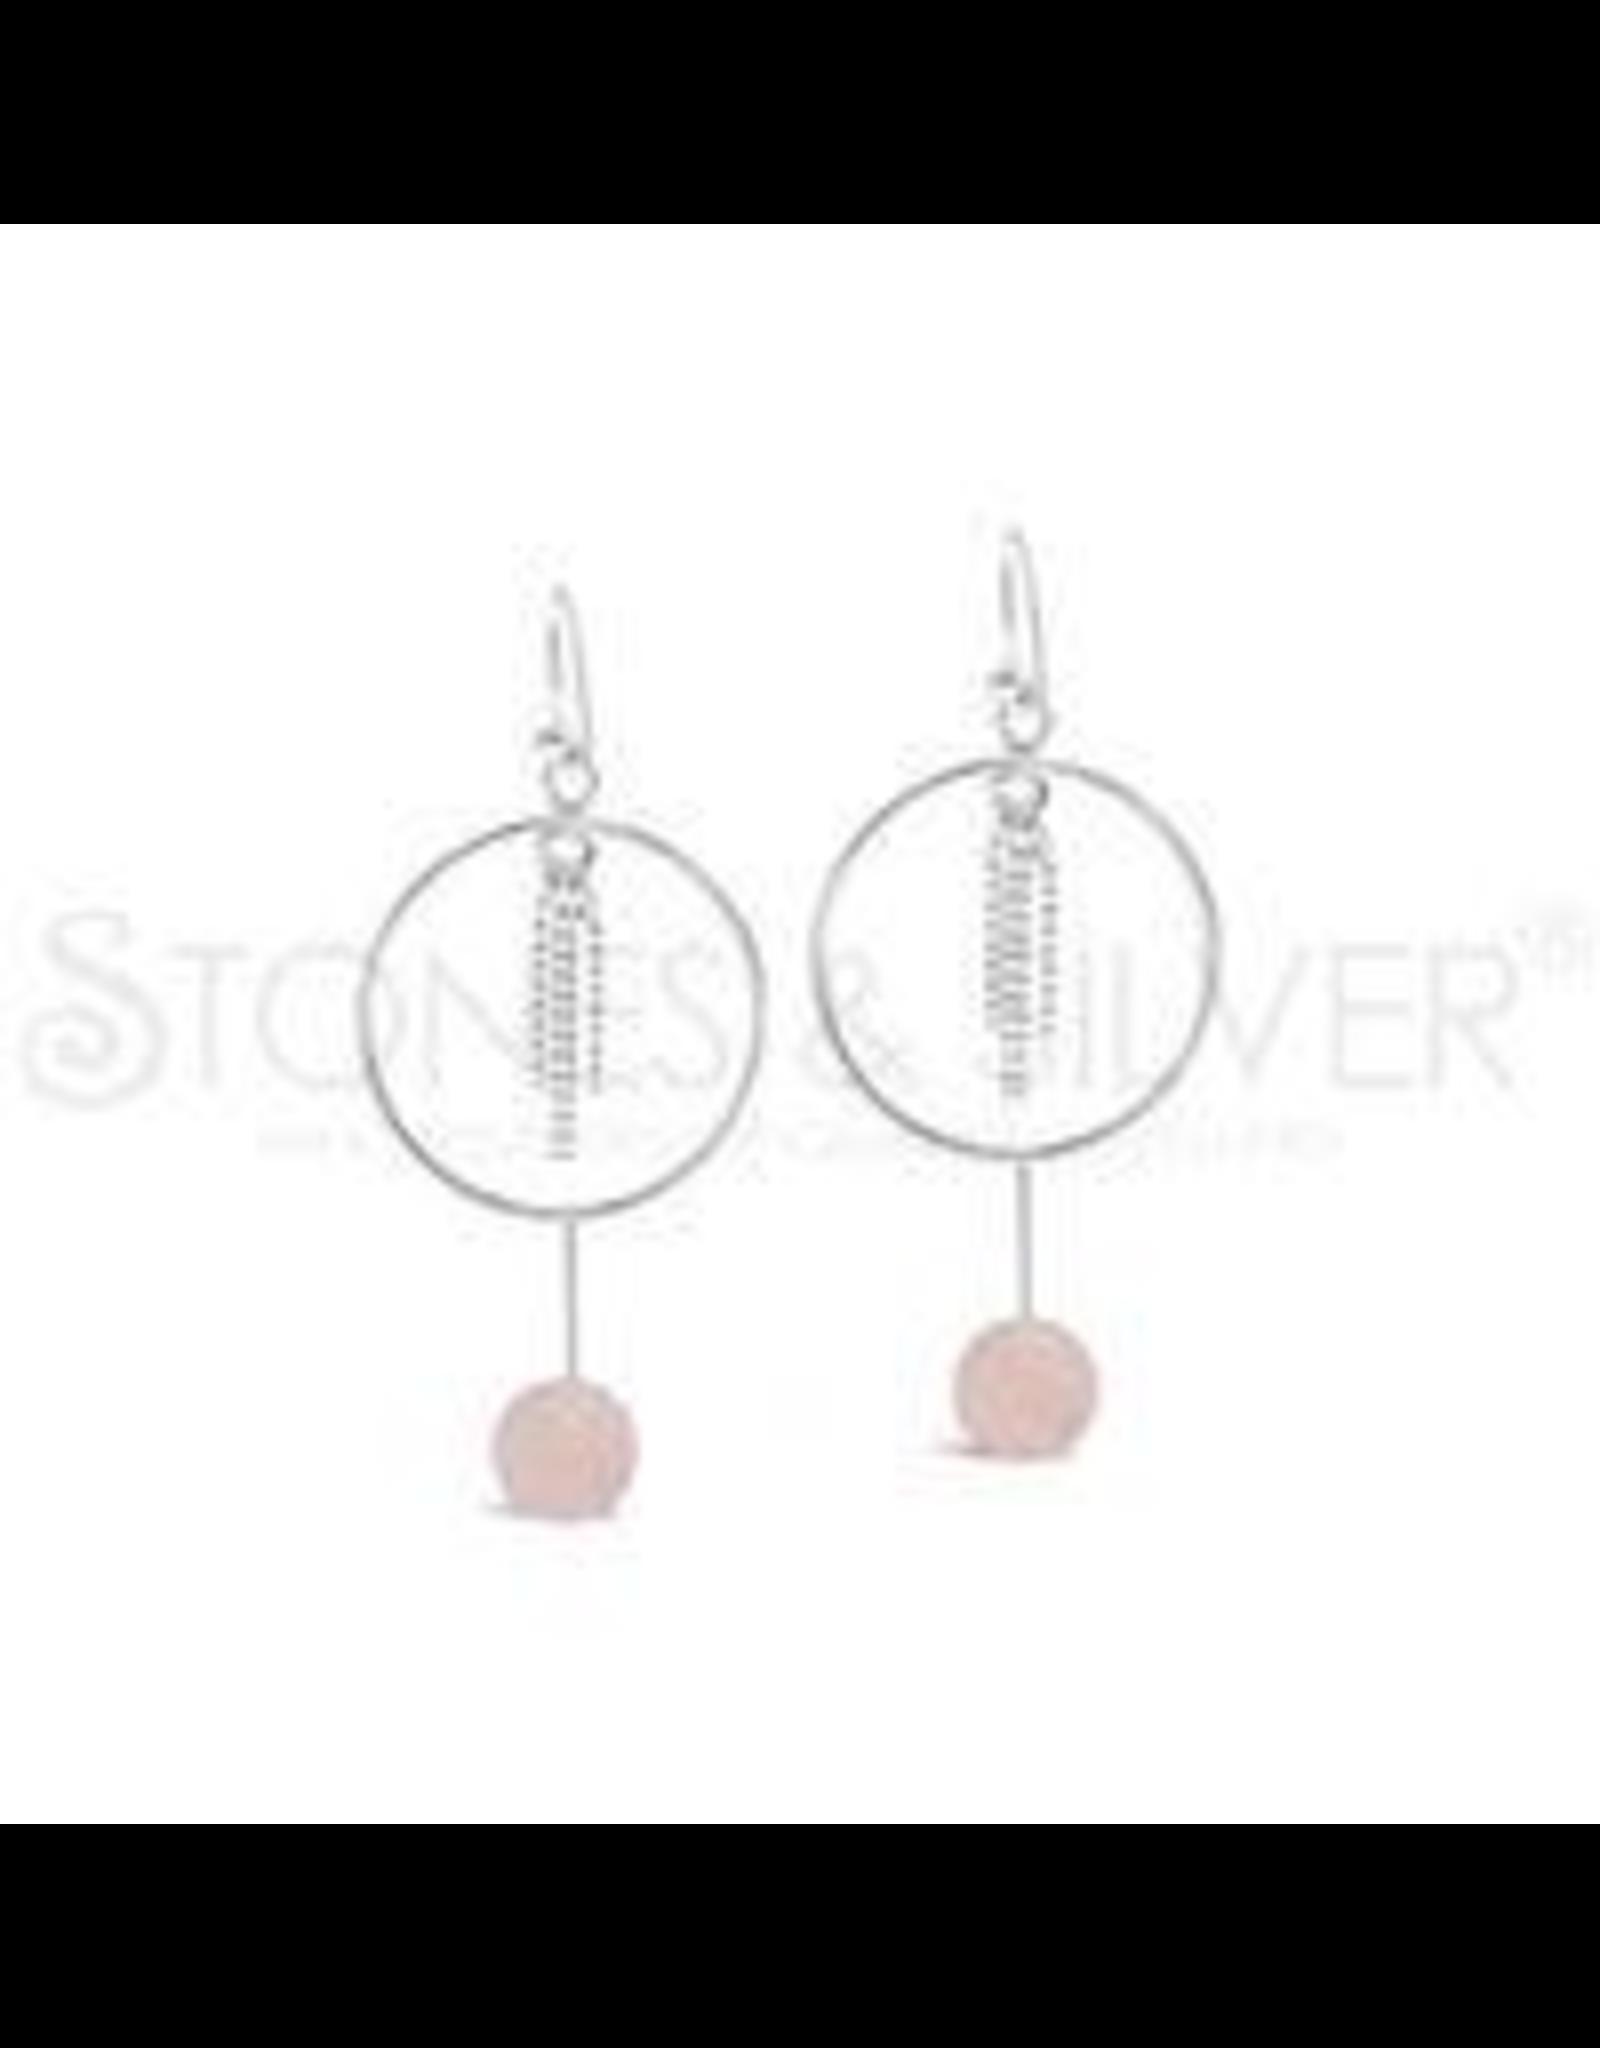 Stones & Silver Rose Quartz Hoop Earrings